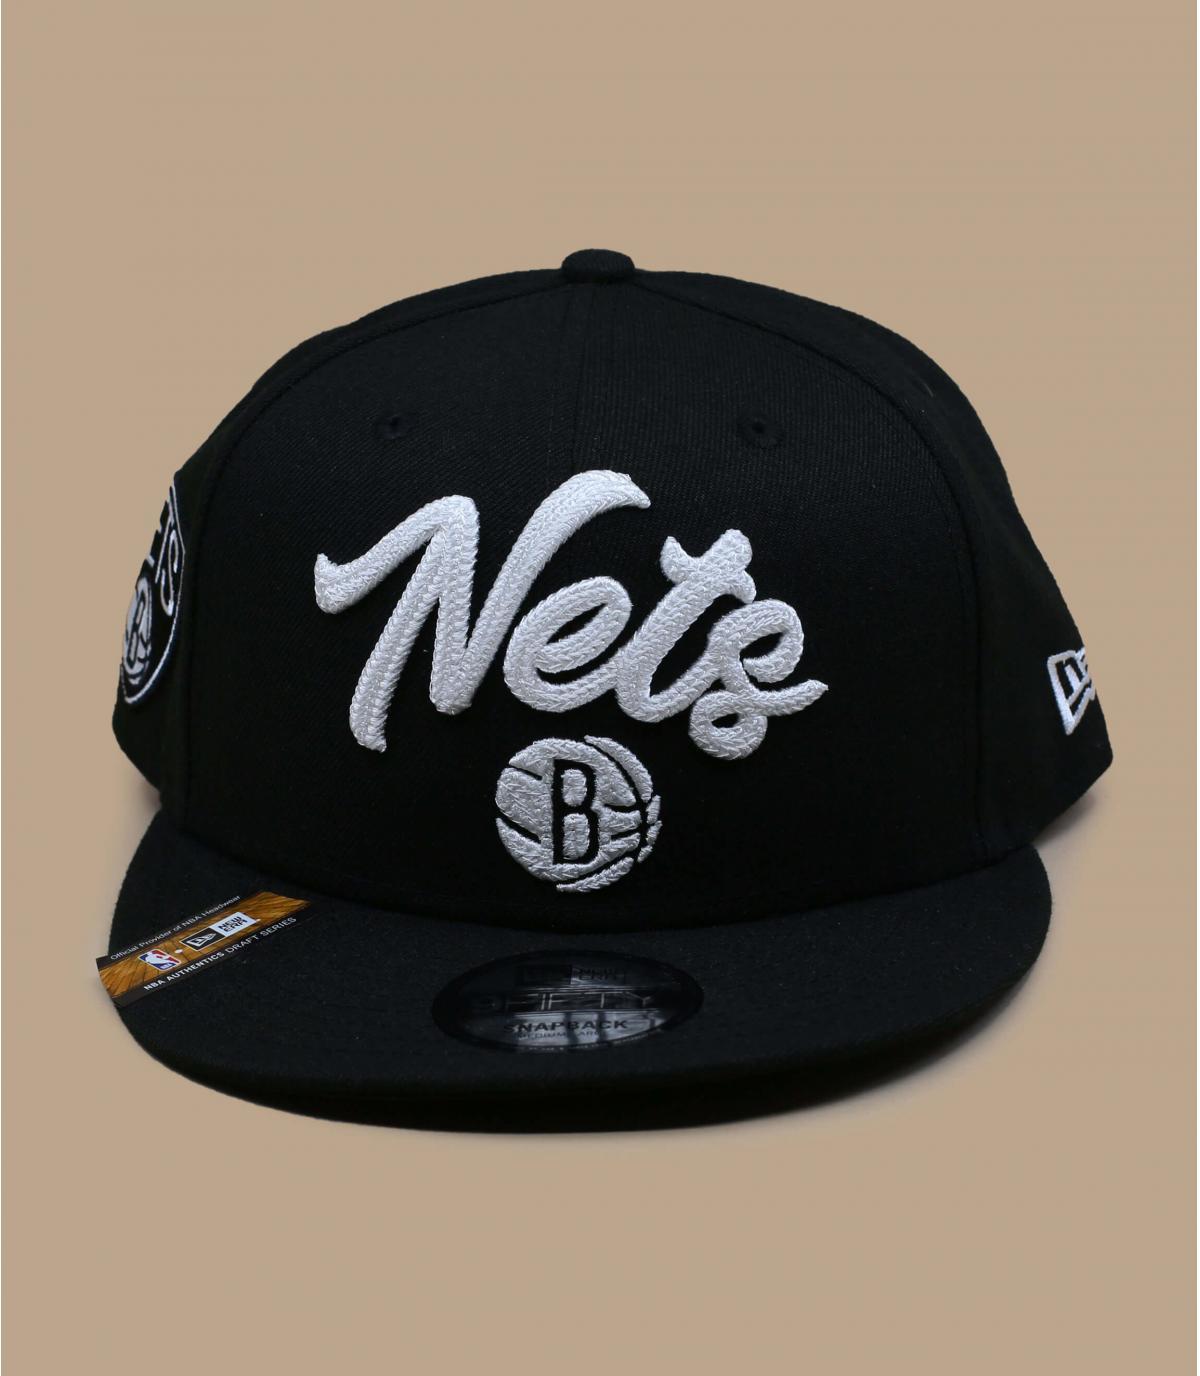 Detalles Snapback NBA Draft Nets 950 imagen 2